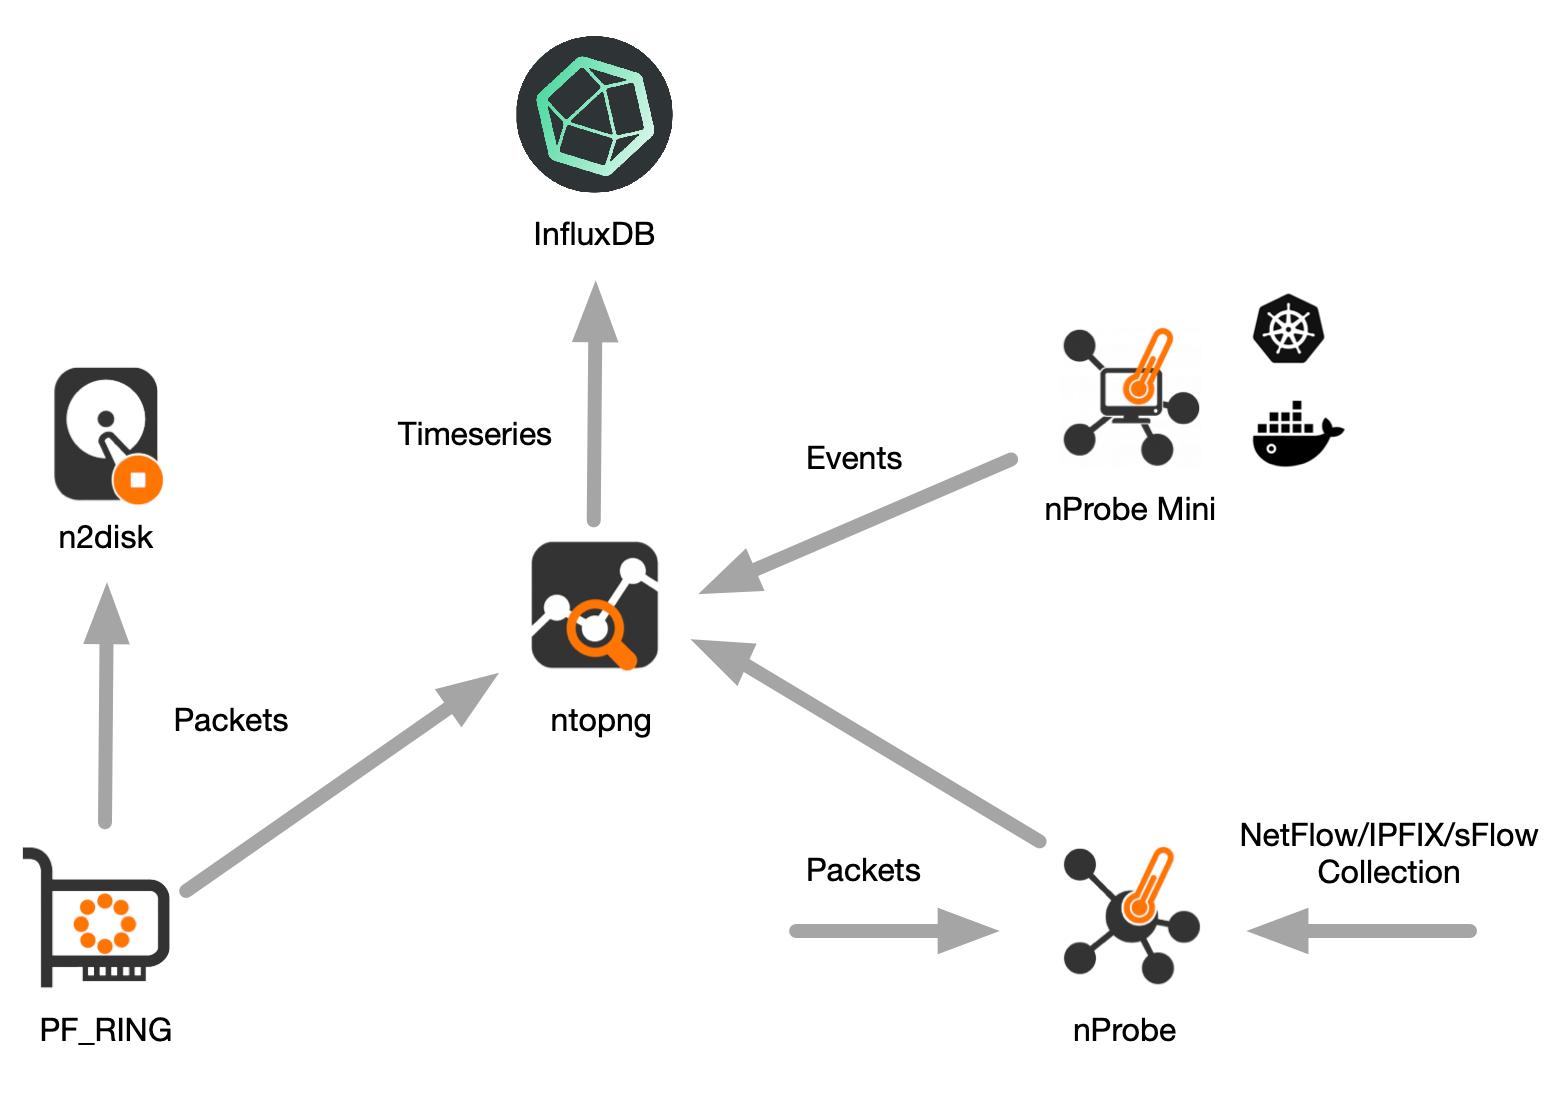 使用ntopng和InfluxDB实现容器和网络可见性